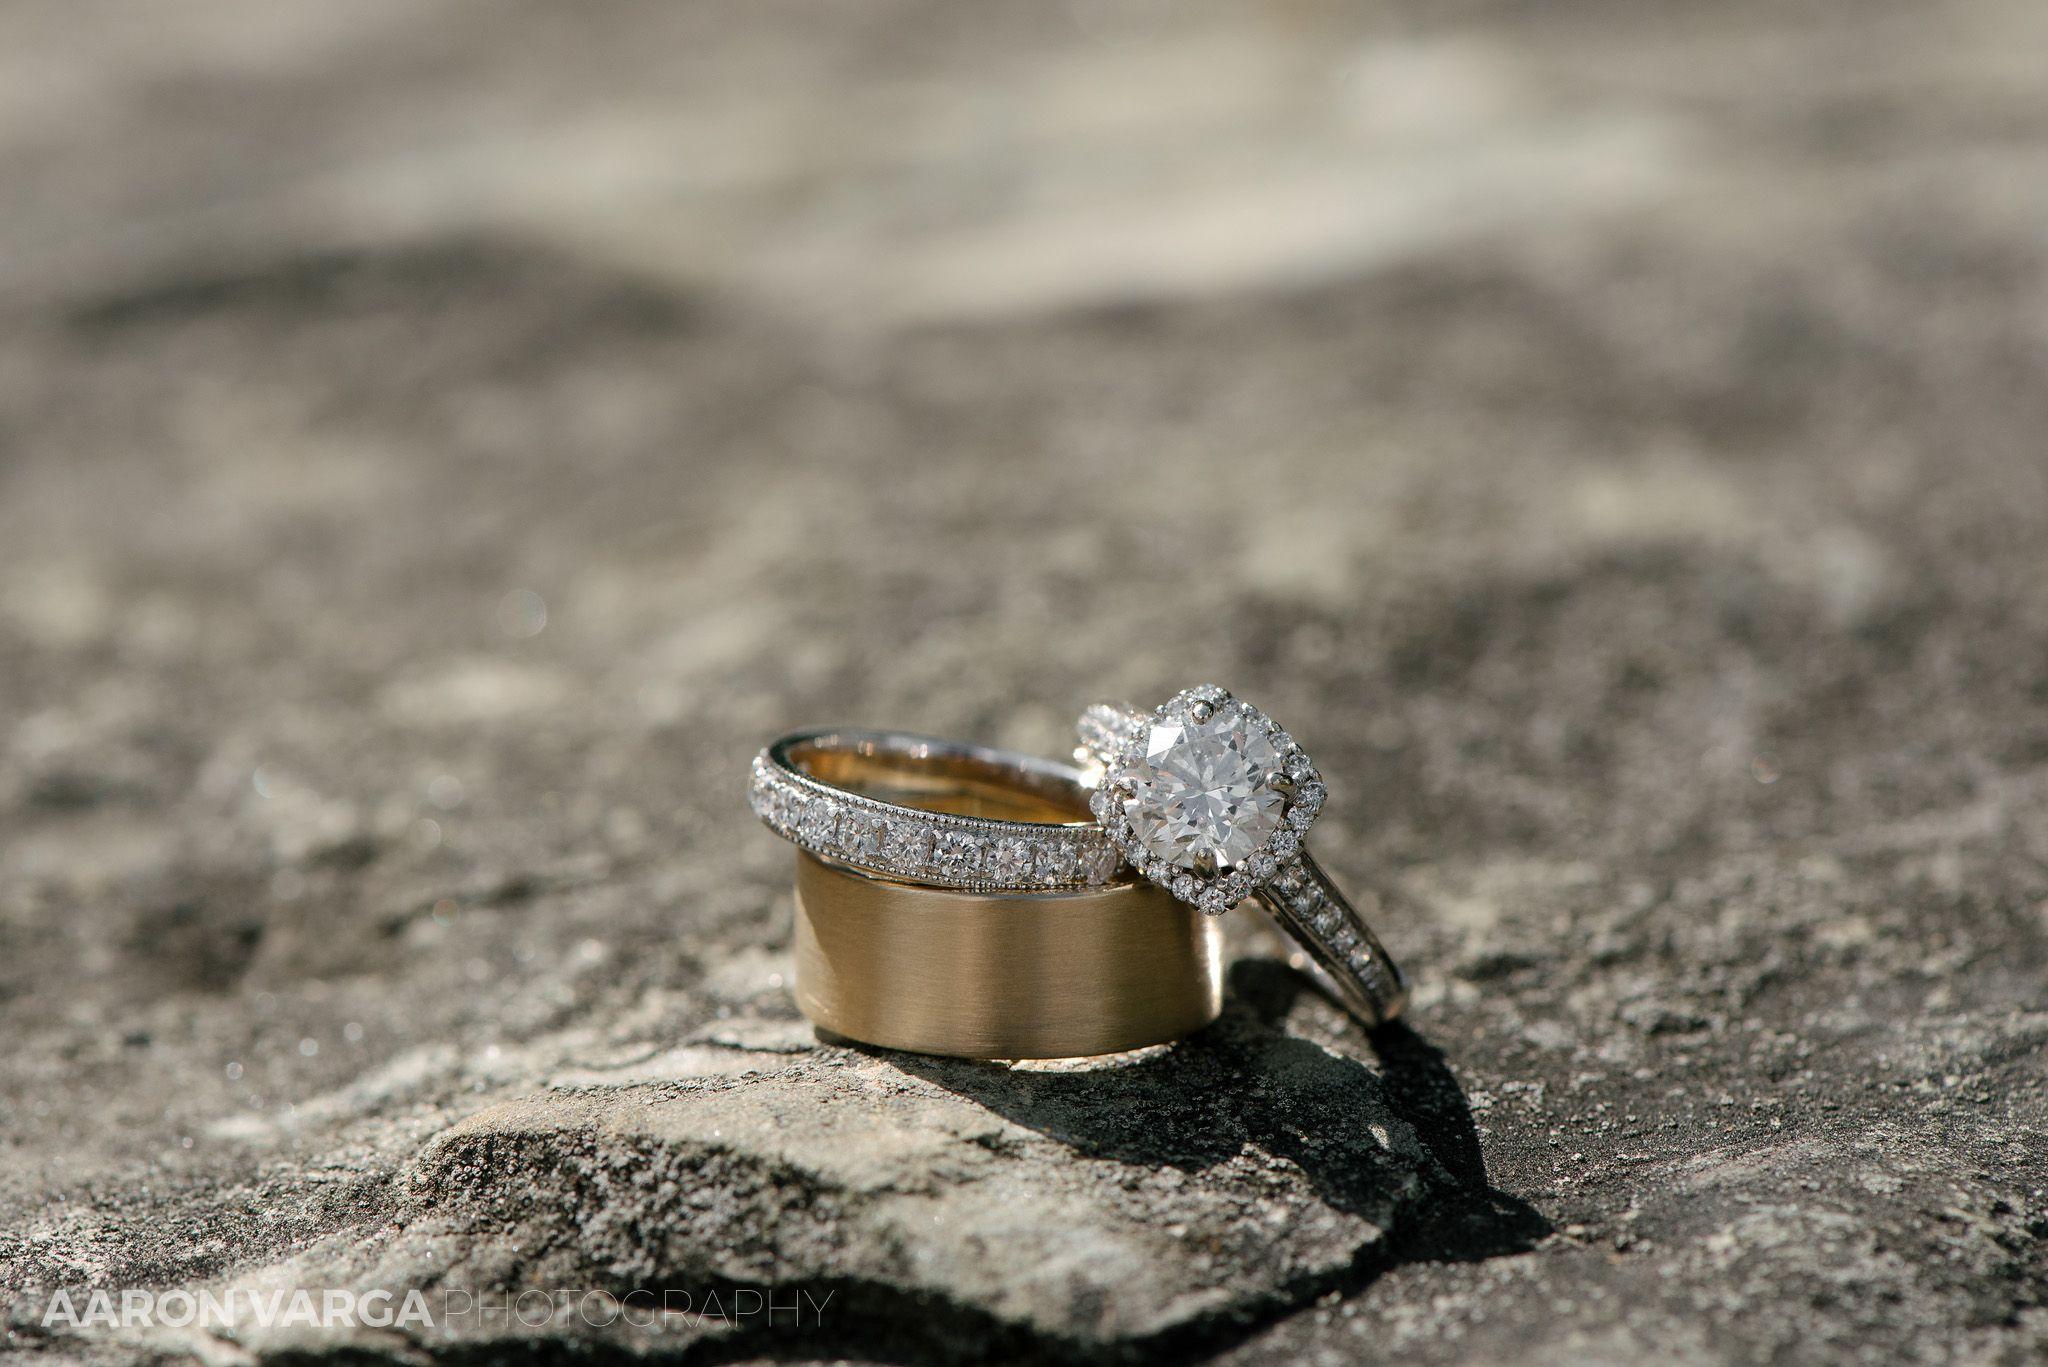 Aaron Varga Photography Pittsburgh Wedding Photographer Gold Wedding Band Rings Wedding Ring Bands Pittsburgh Wedding Photographers Gold Wedding Band